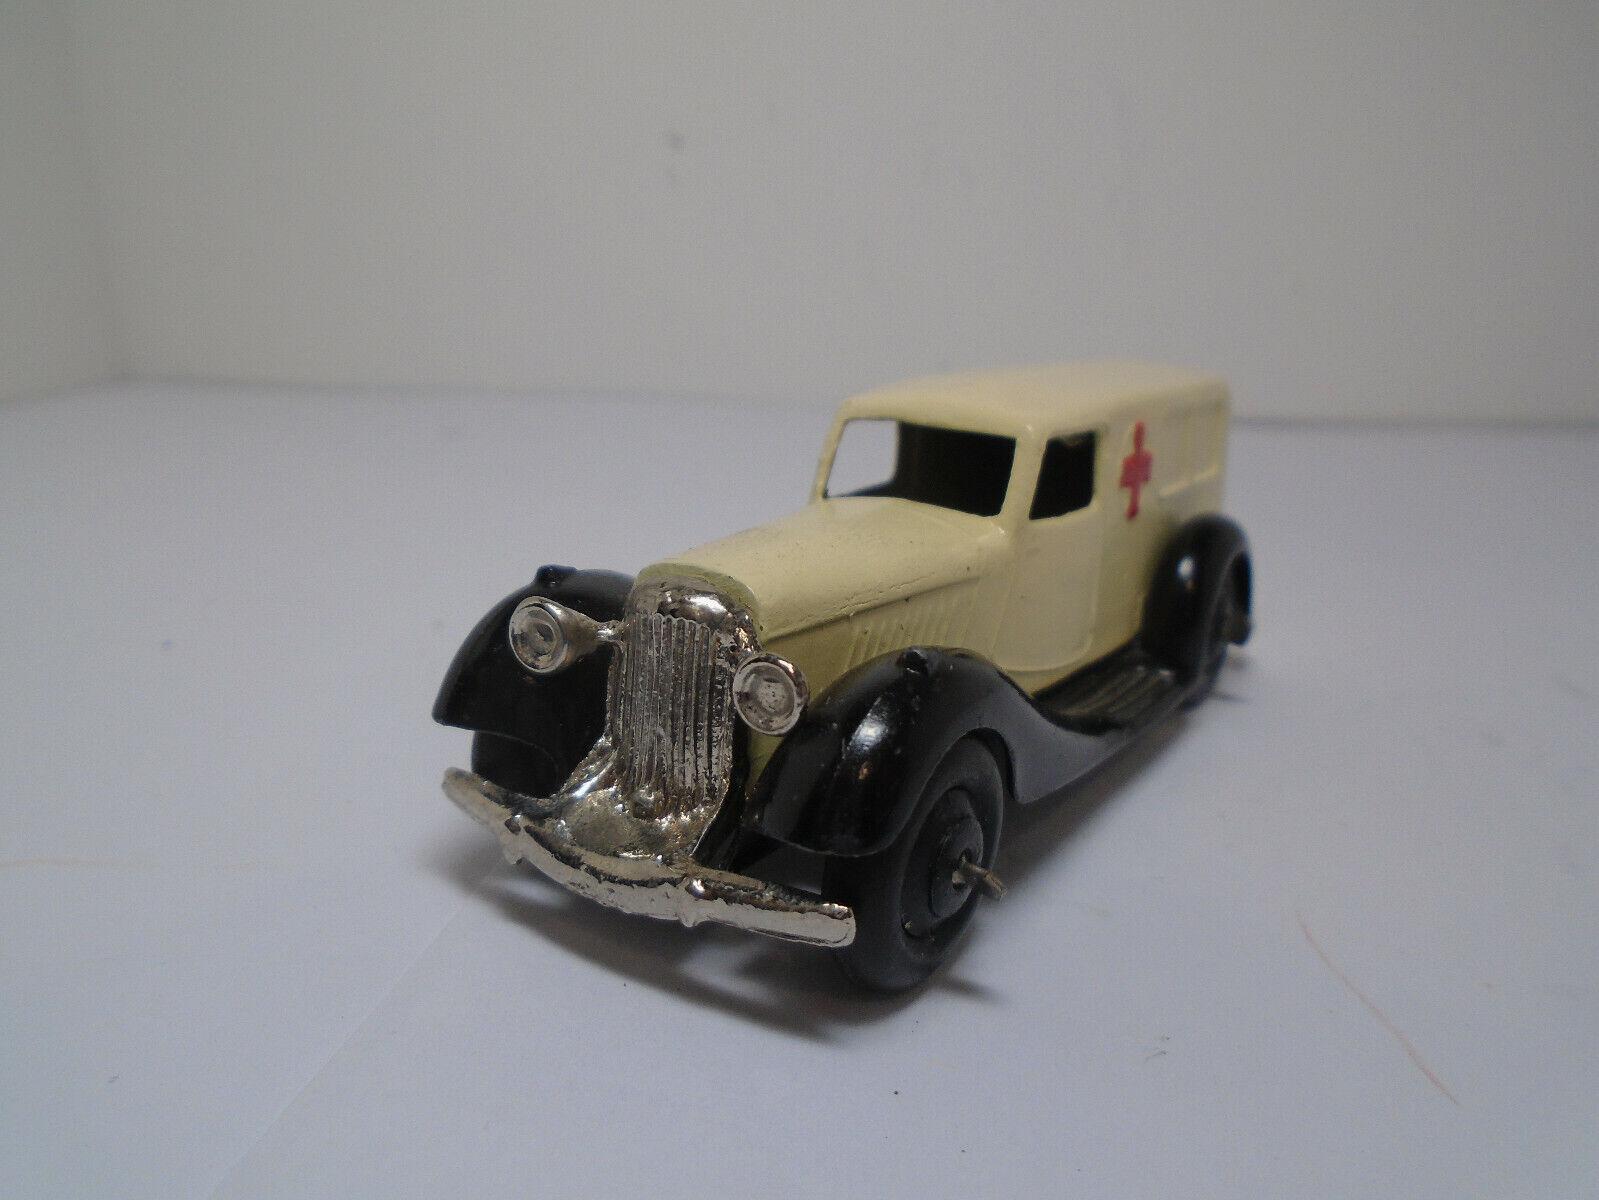 Vintage Dinky Juguetes  30f-G'47 ambulancia Bentley Restaurado a cerca de nuevo, sin usar